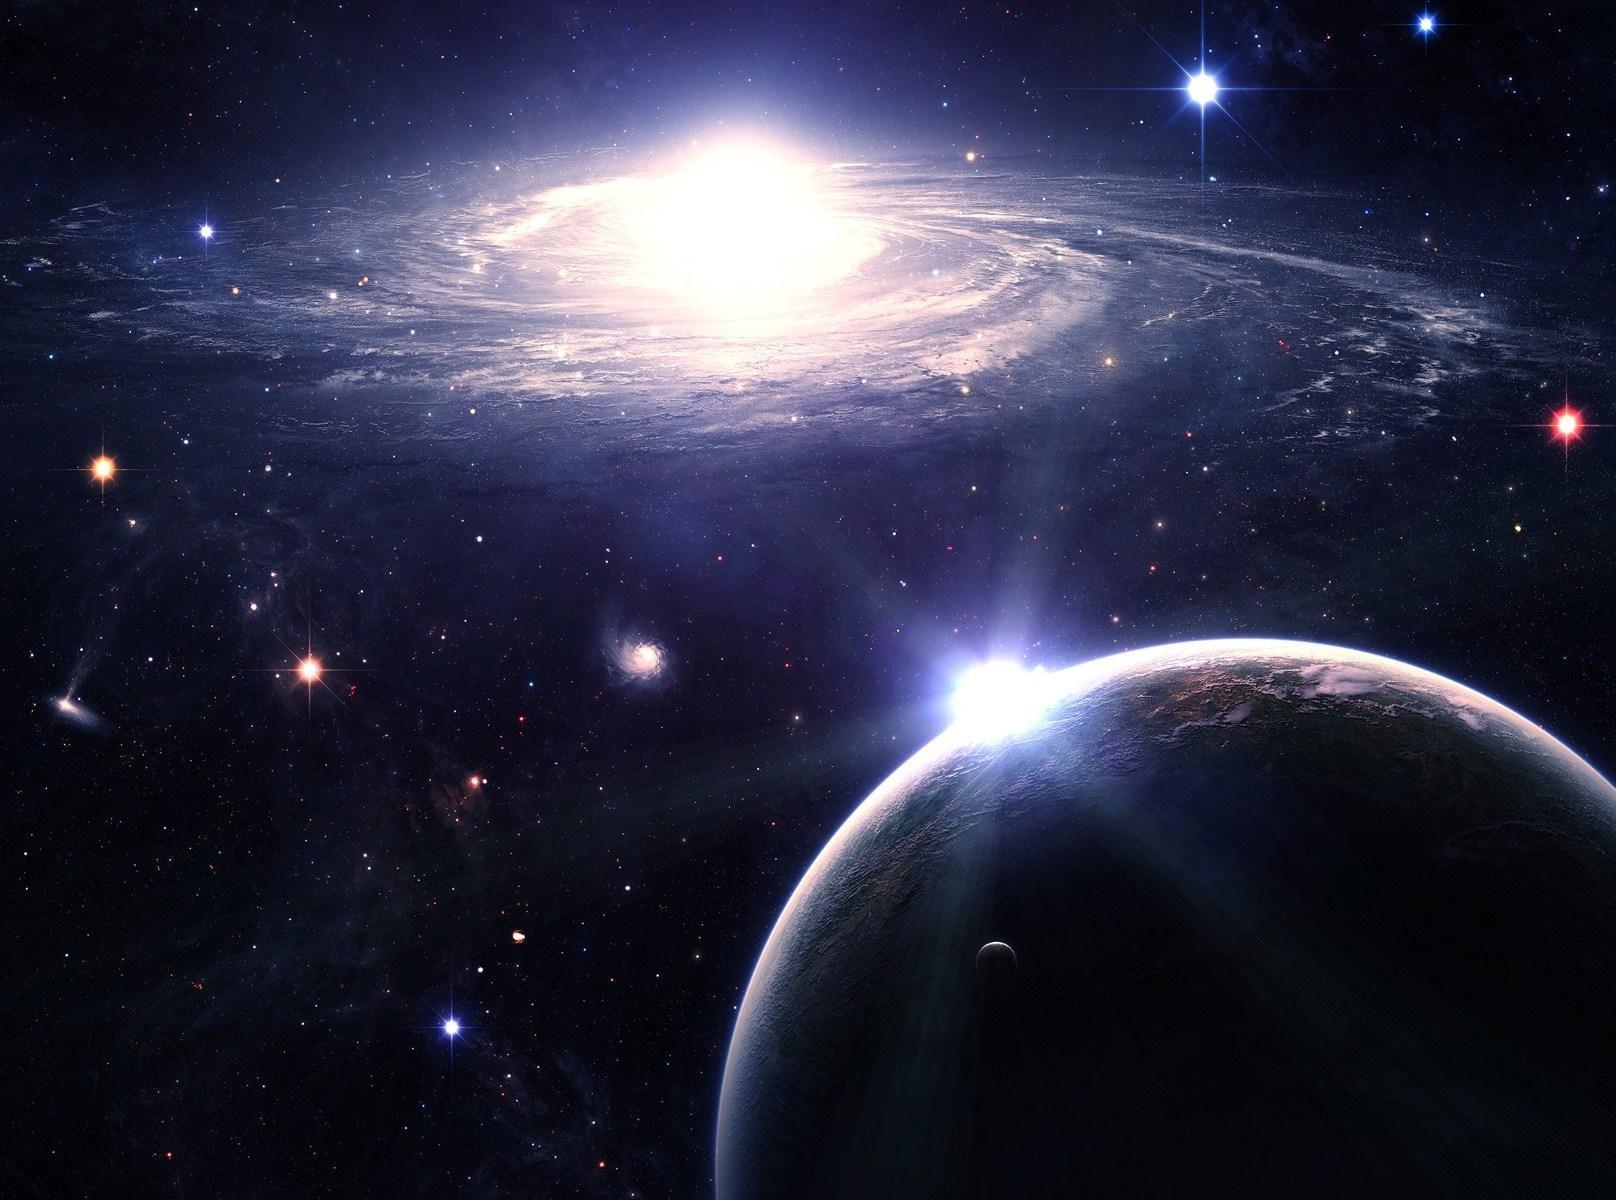 Картинки вселенной из космоса